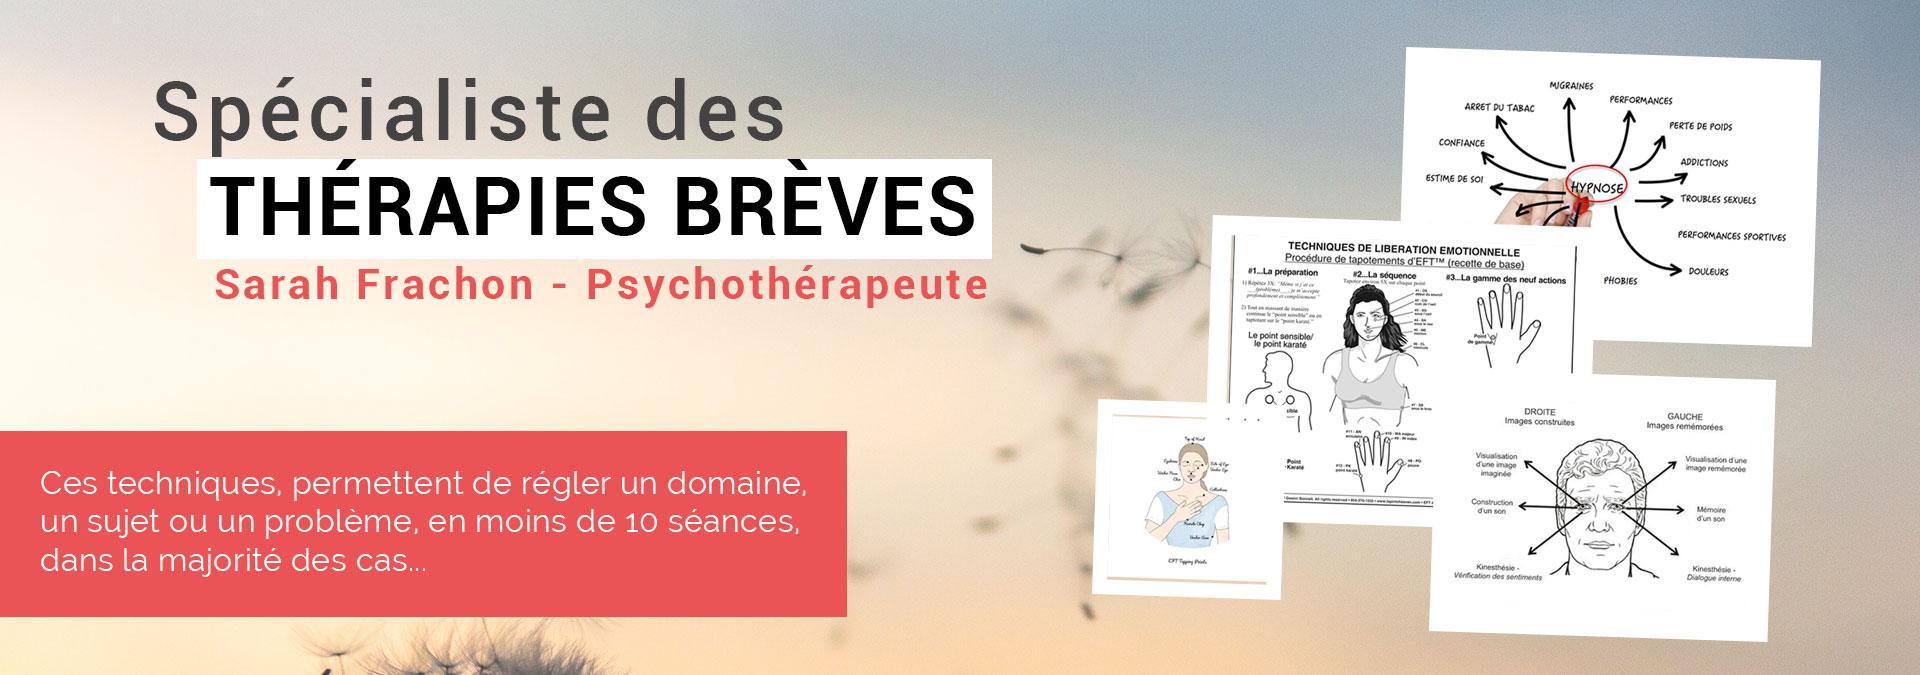 Psychothérapeute à Paris - Consultation en ligne